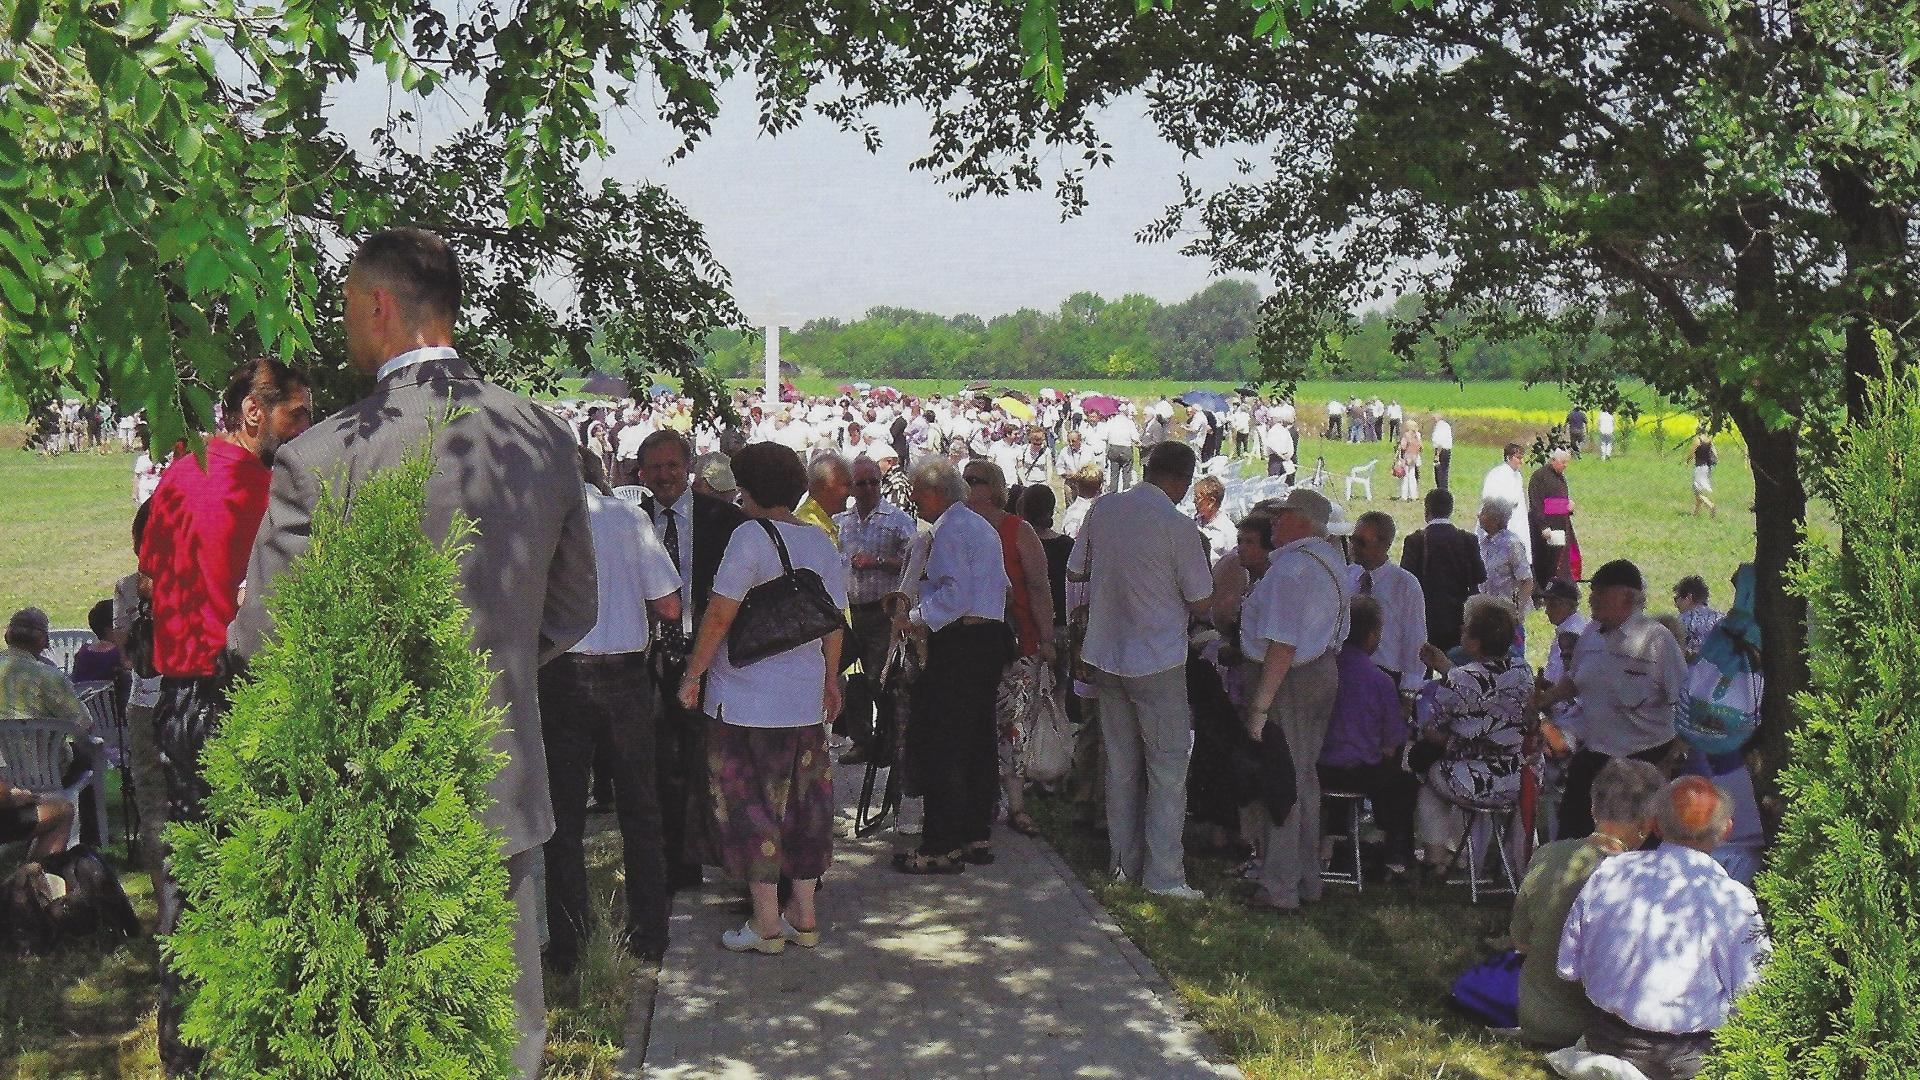 Die angereiste Gedenkgemeinde versammelt sich im Schatten der Bäume und um das Kreuz. Es sind ca. 600 Personen angereist. Foto: Kupferschmidt